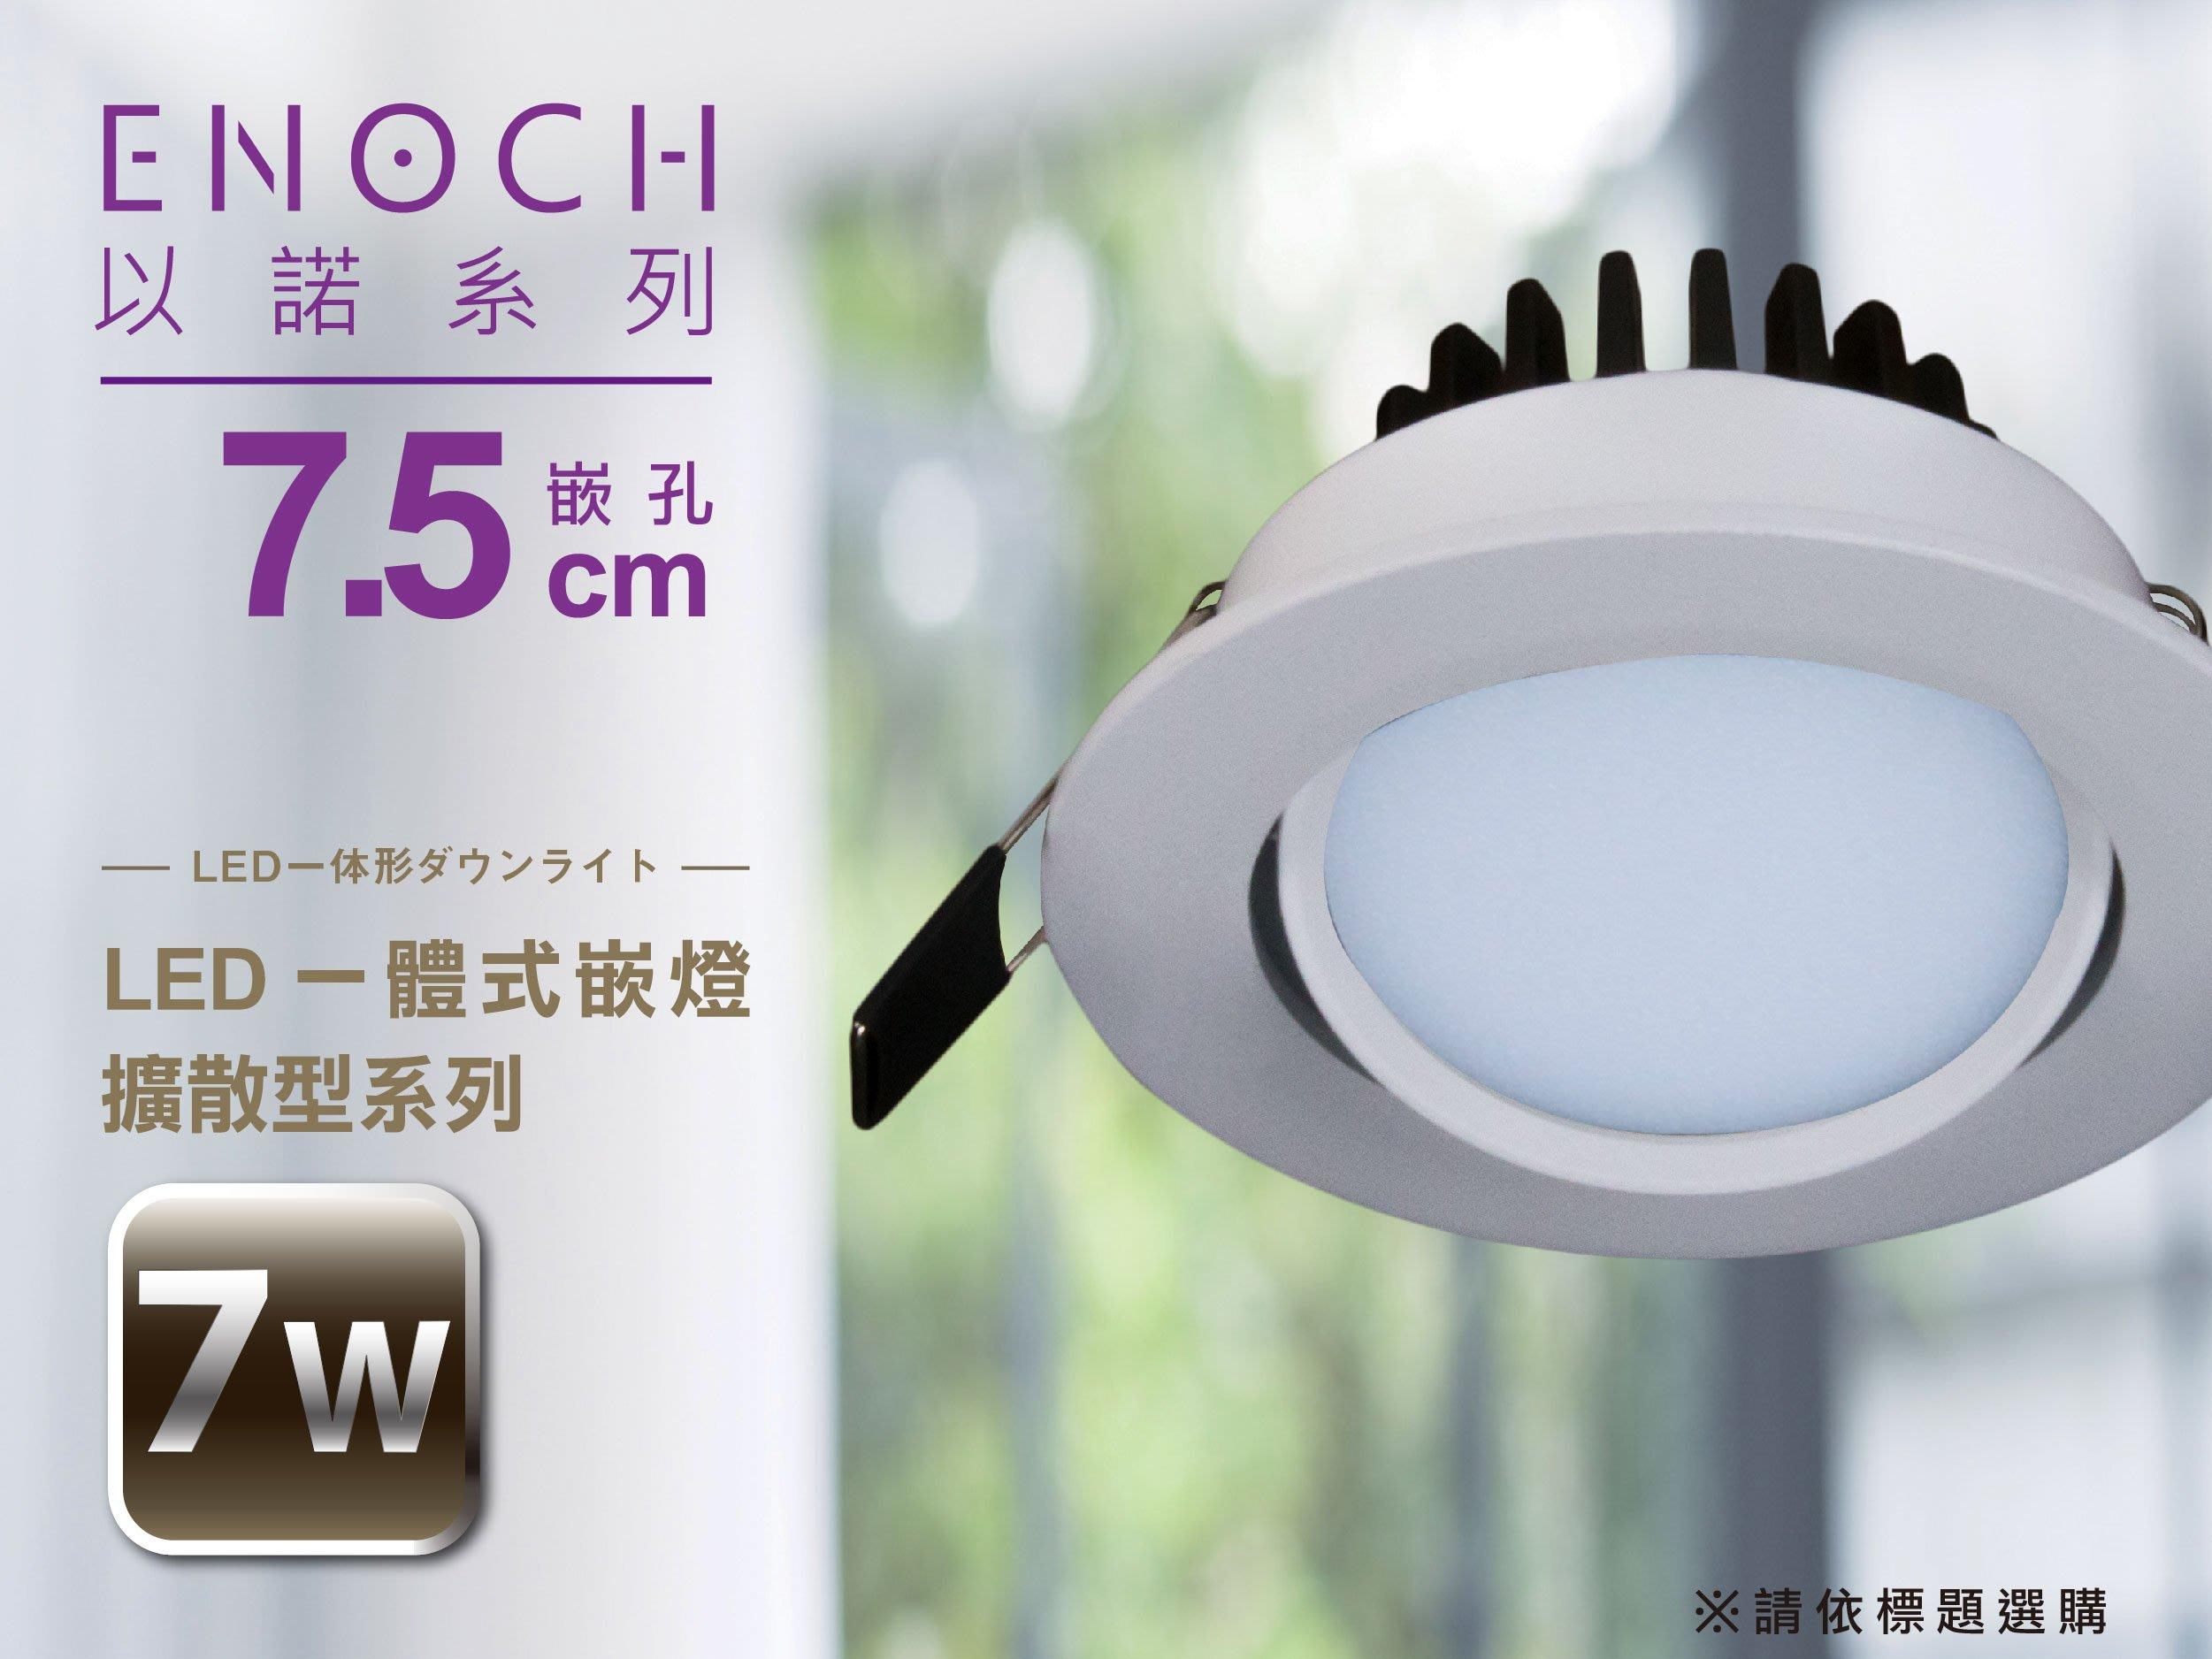 【台灣製造】7.5cm擴散型嵌燈✩以諾LED崁燈7W全電壓9W亮度4000K☆可調角度泛光ENO-95362/364奇恩